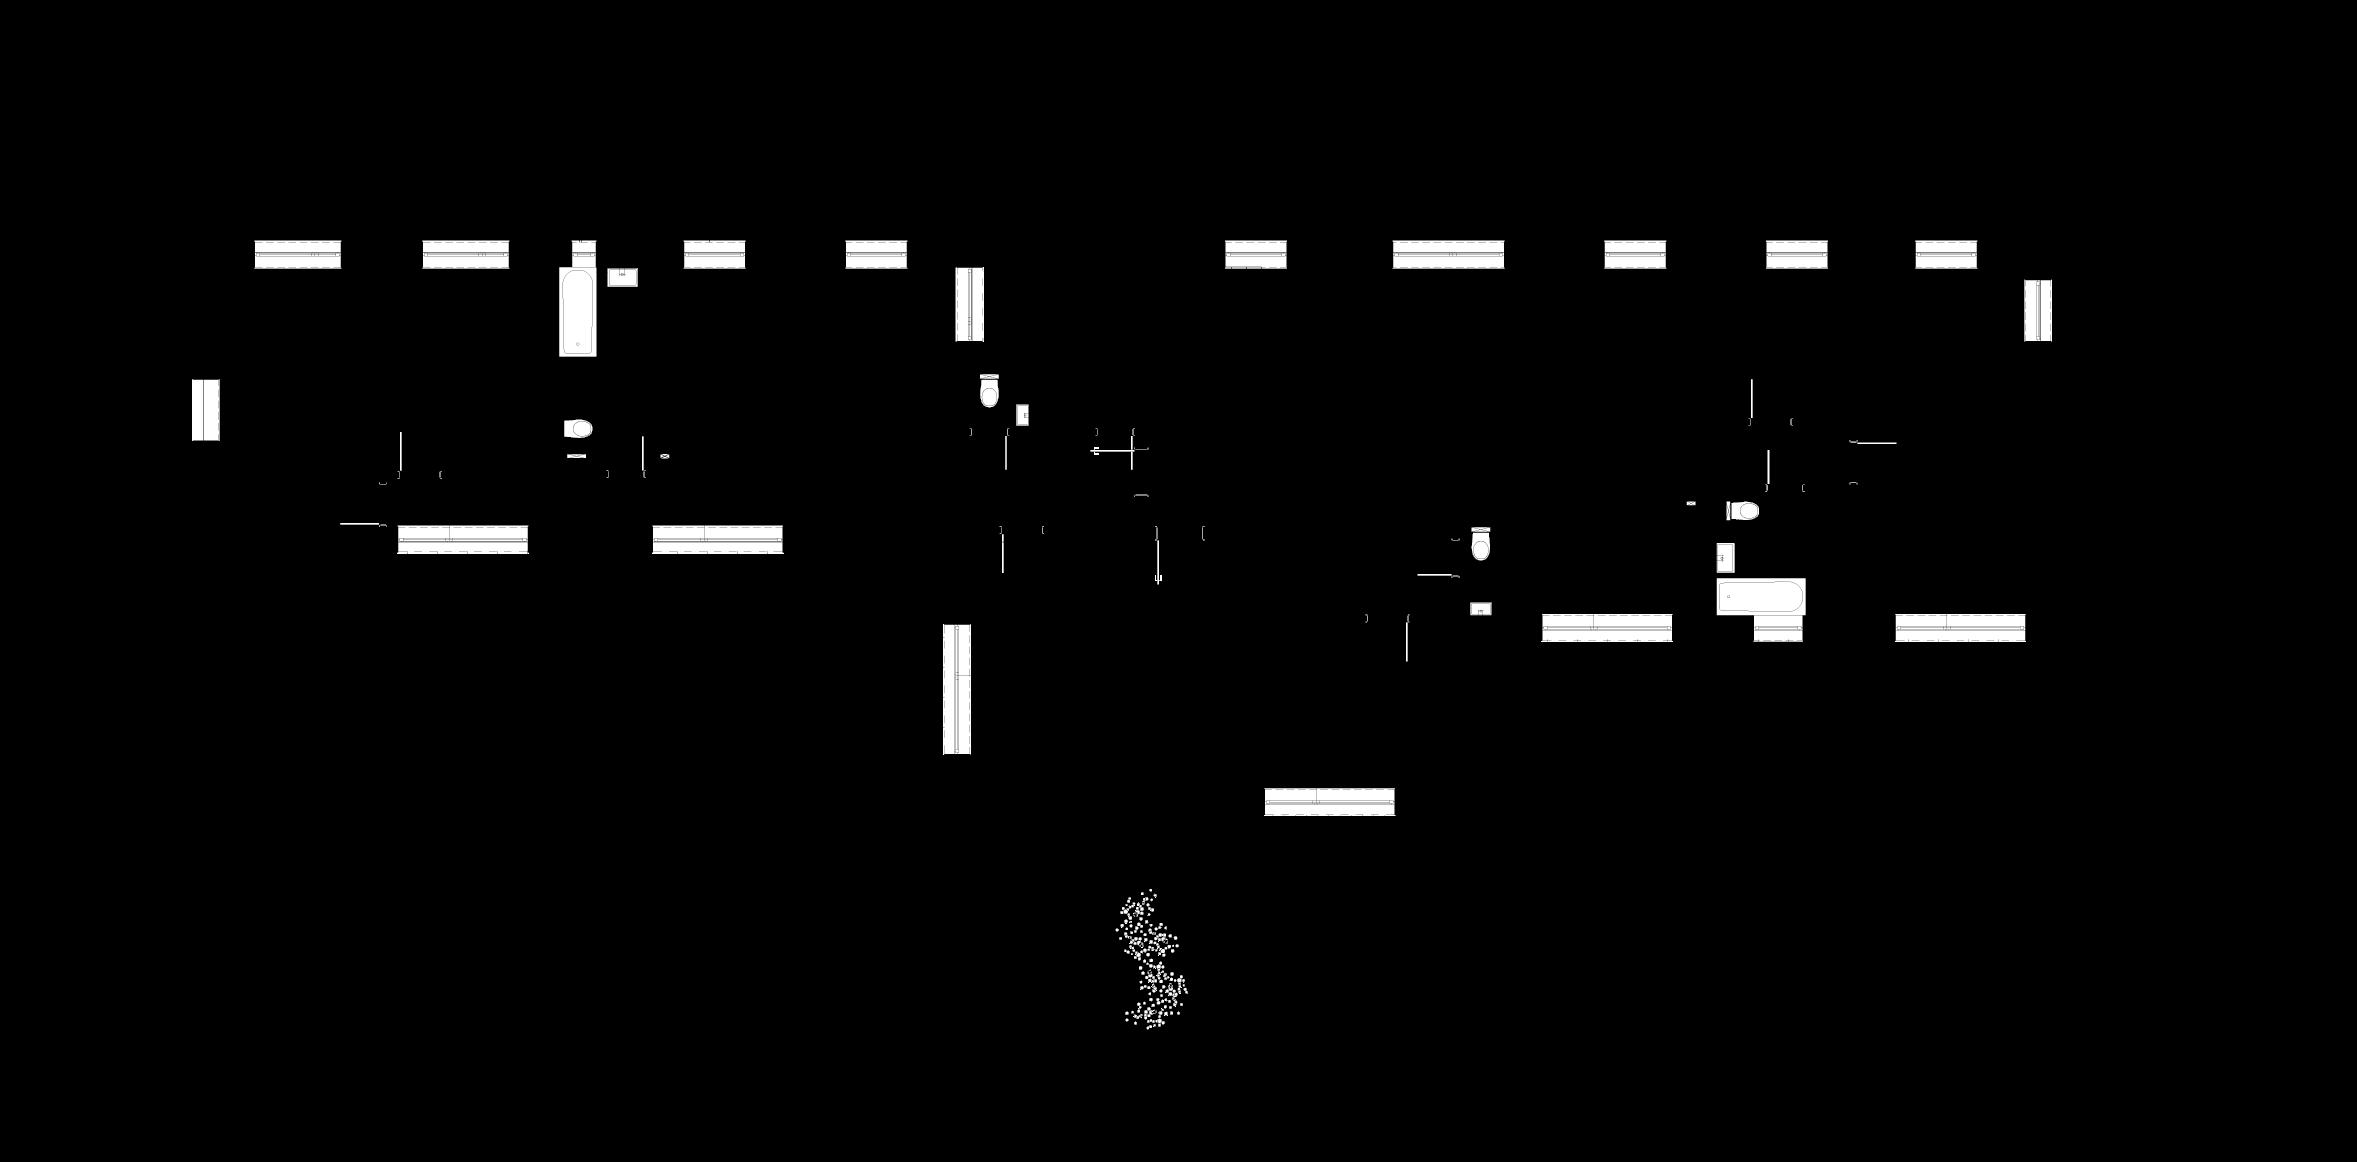 SO-01.A5 – 4. NP